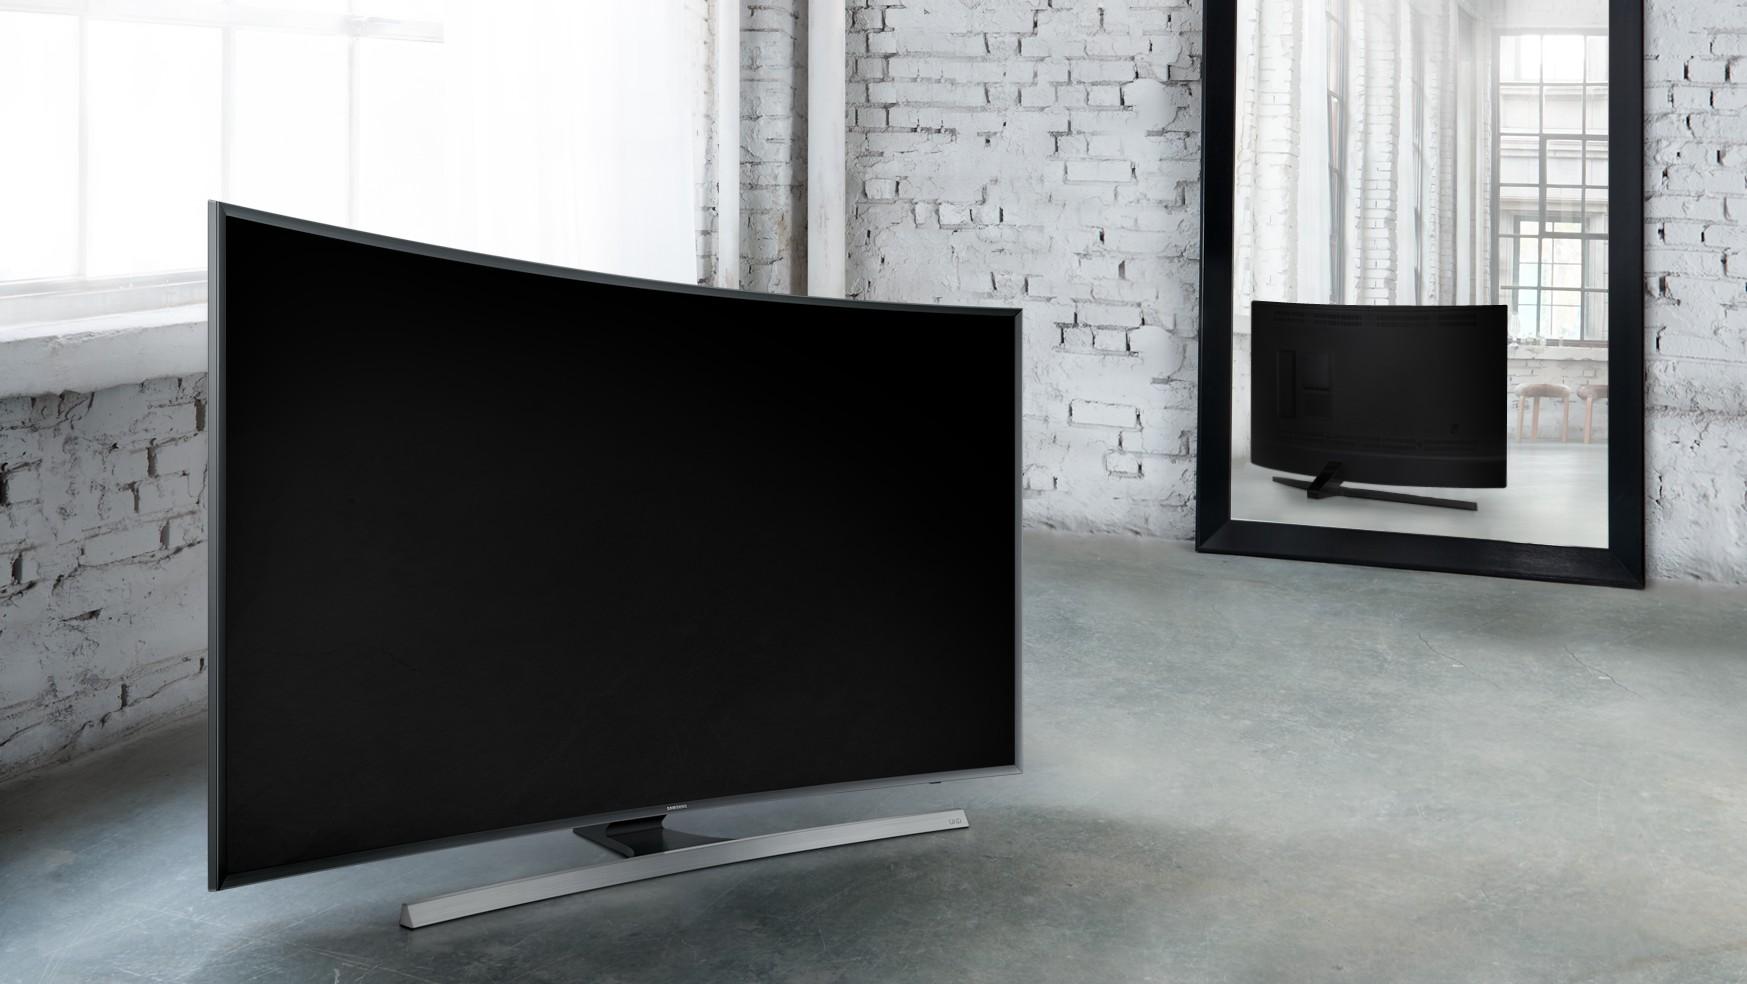 Samsung JU7500: Smart TV, màn hình cong, độ phân giải 4K